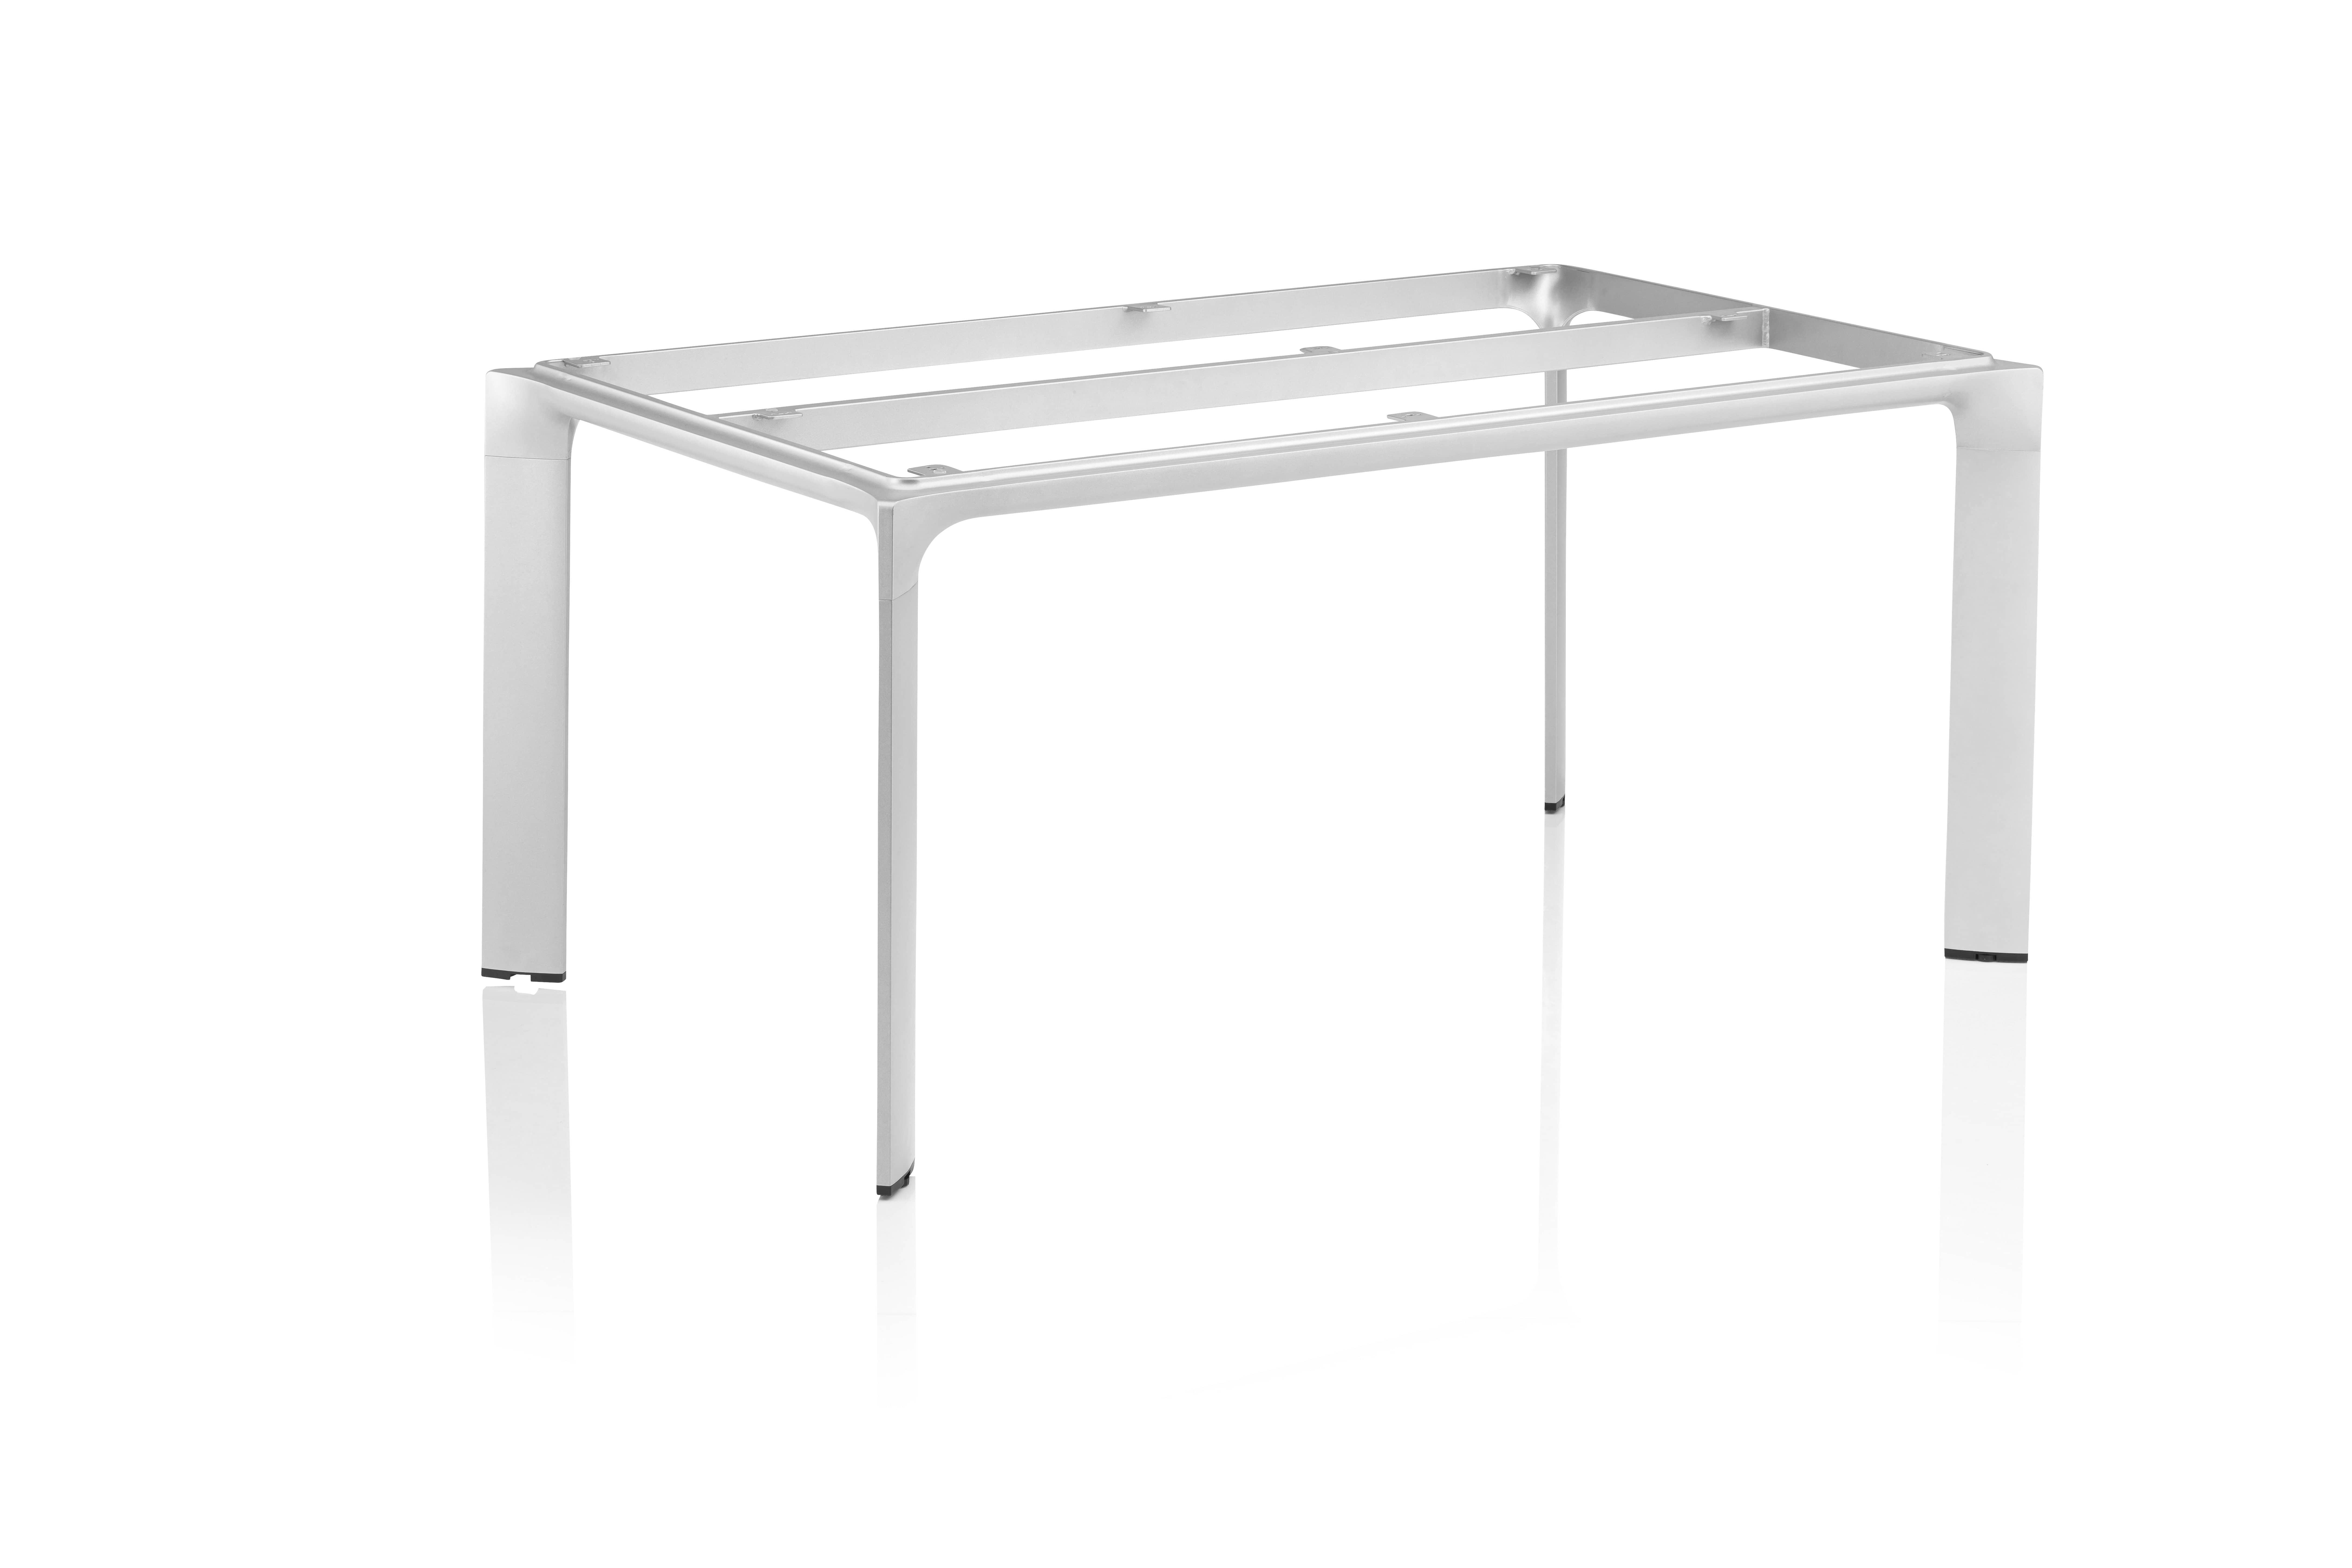 DIAMOND Tischgestell 160 x 95 cm